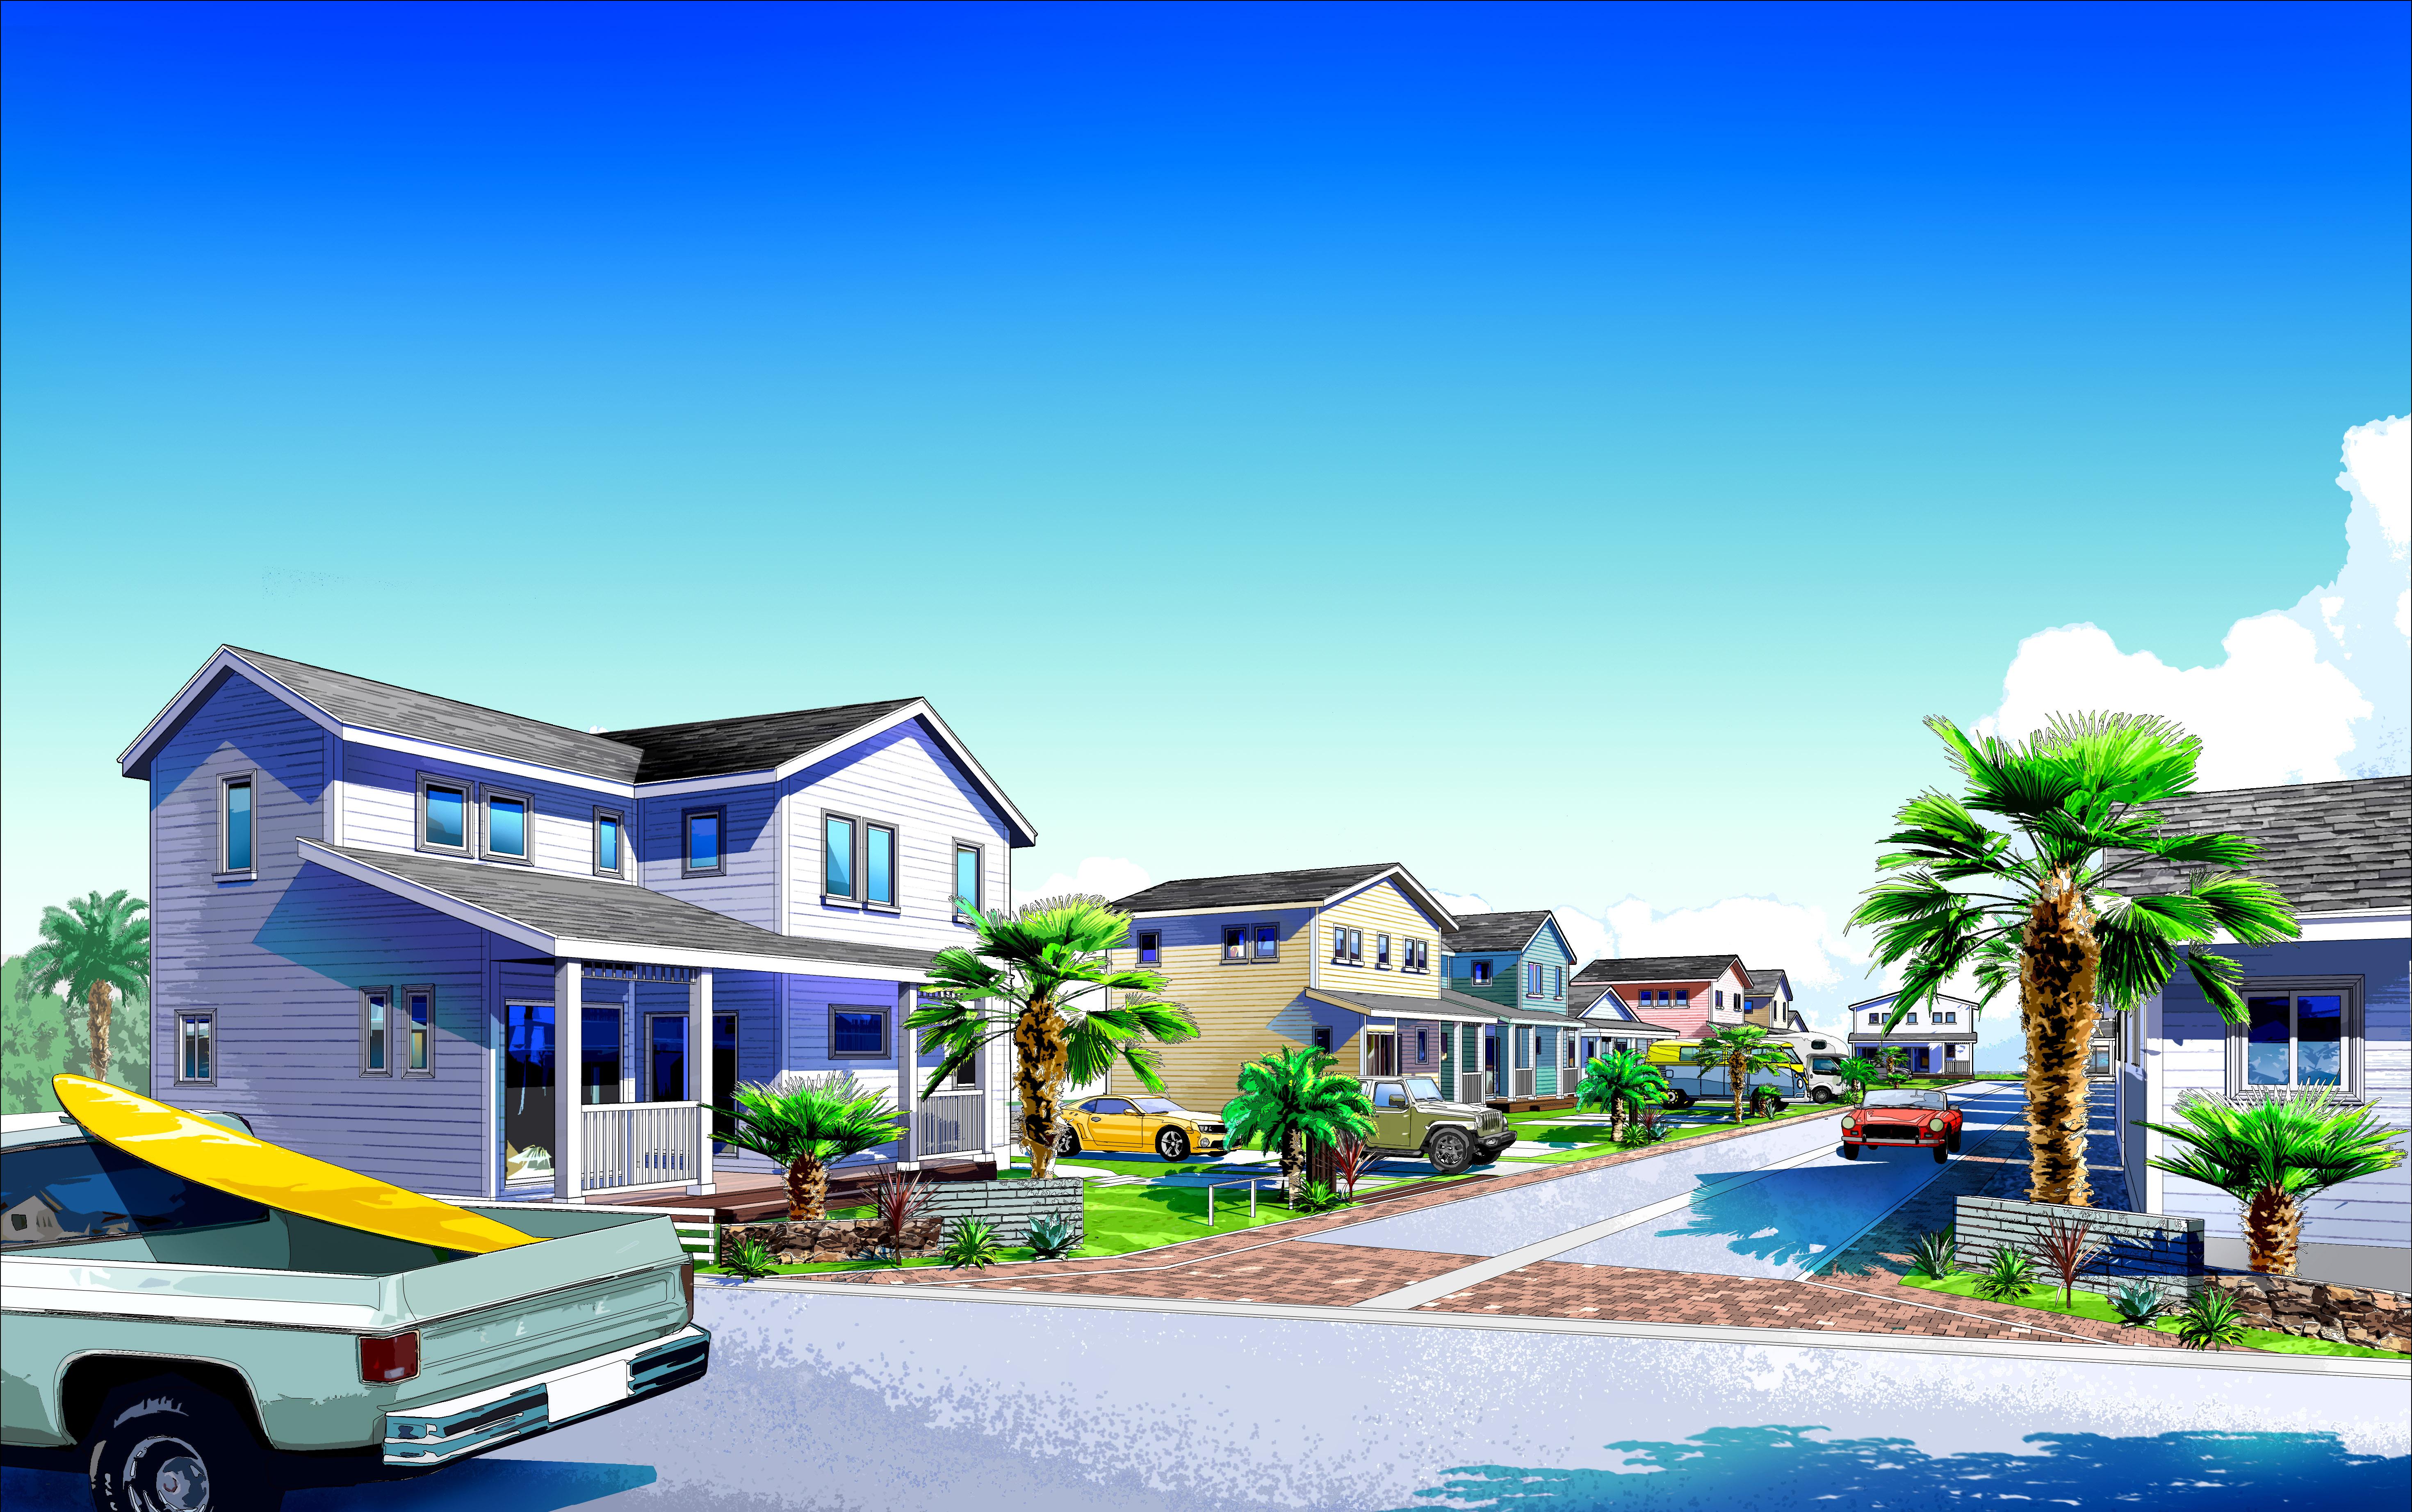 LIXIL住研+GLホーム神栖、全棟アメリカンデザインの分譲地25区画を発売